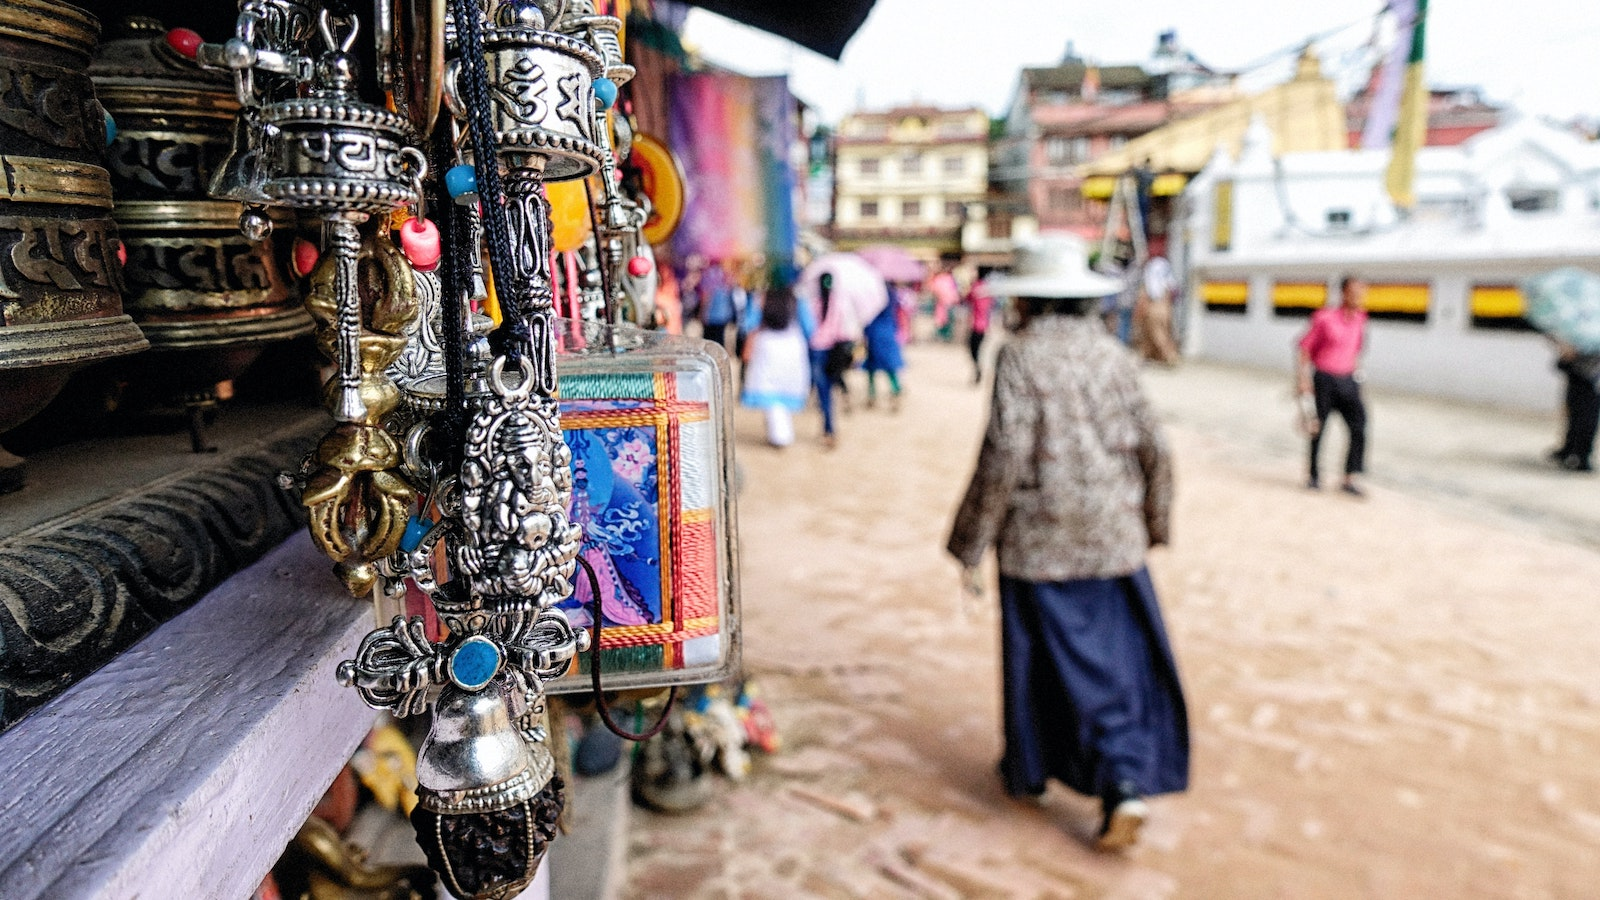 Woman walks through an outdoor market in Kathmandu, Nepal